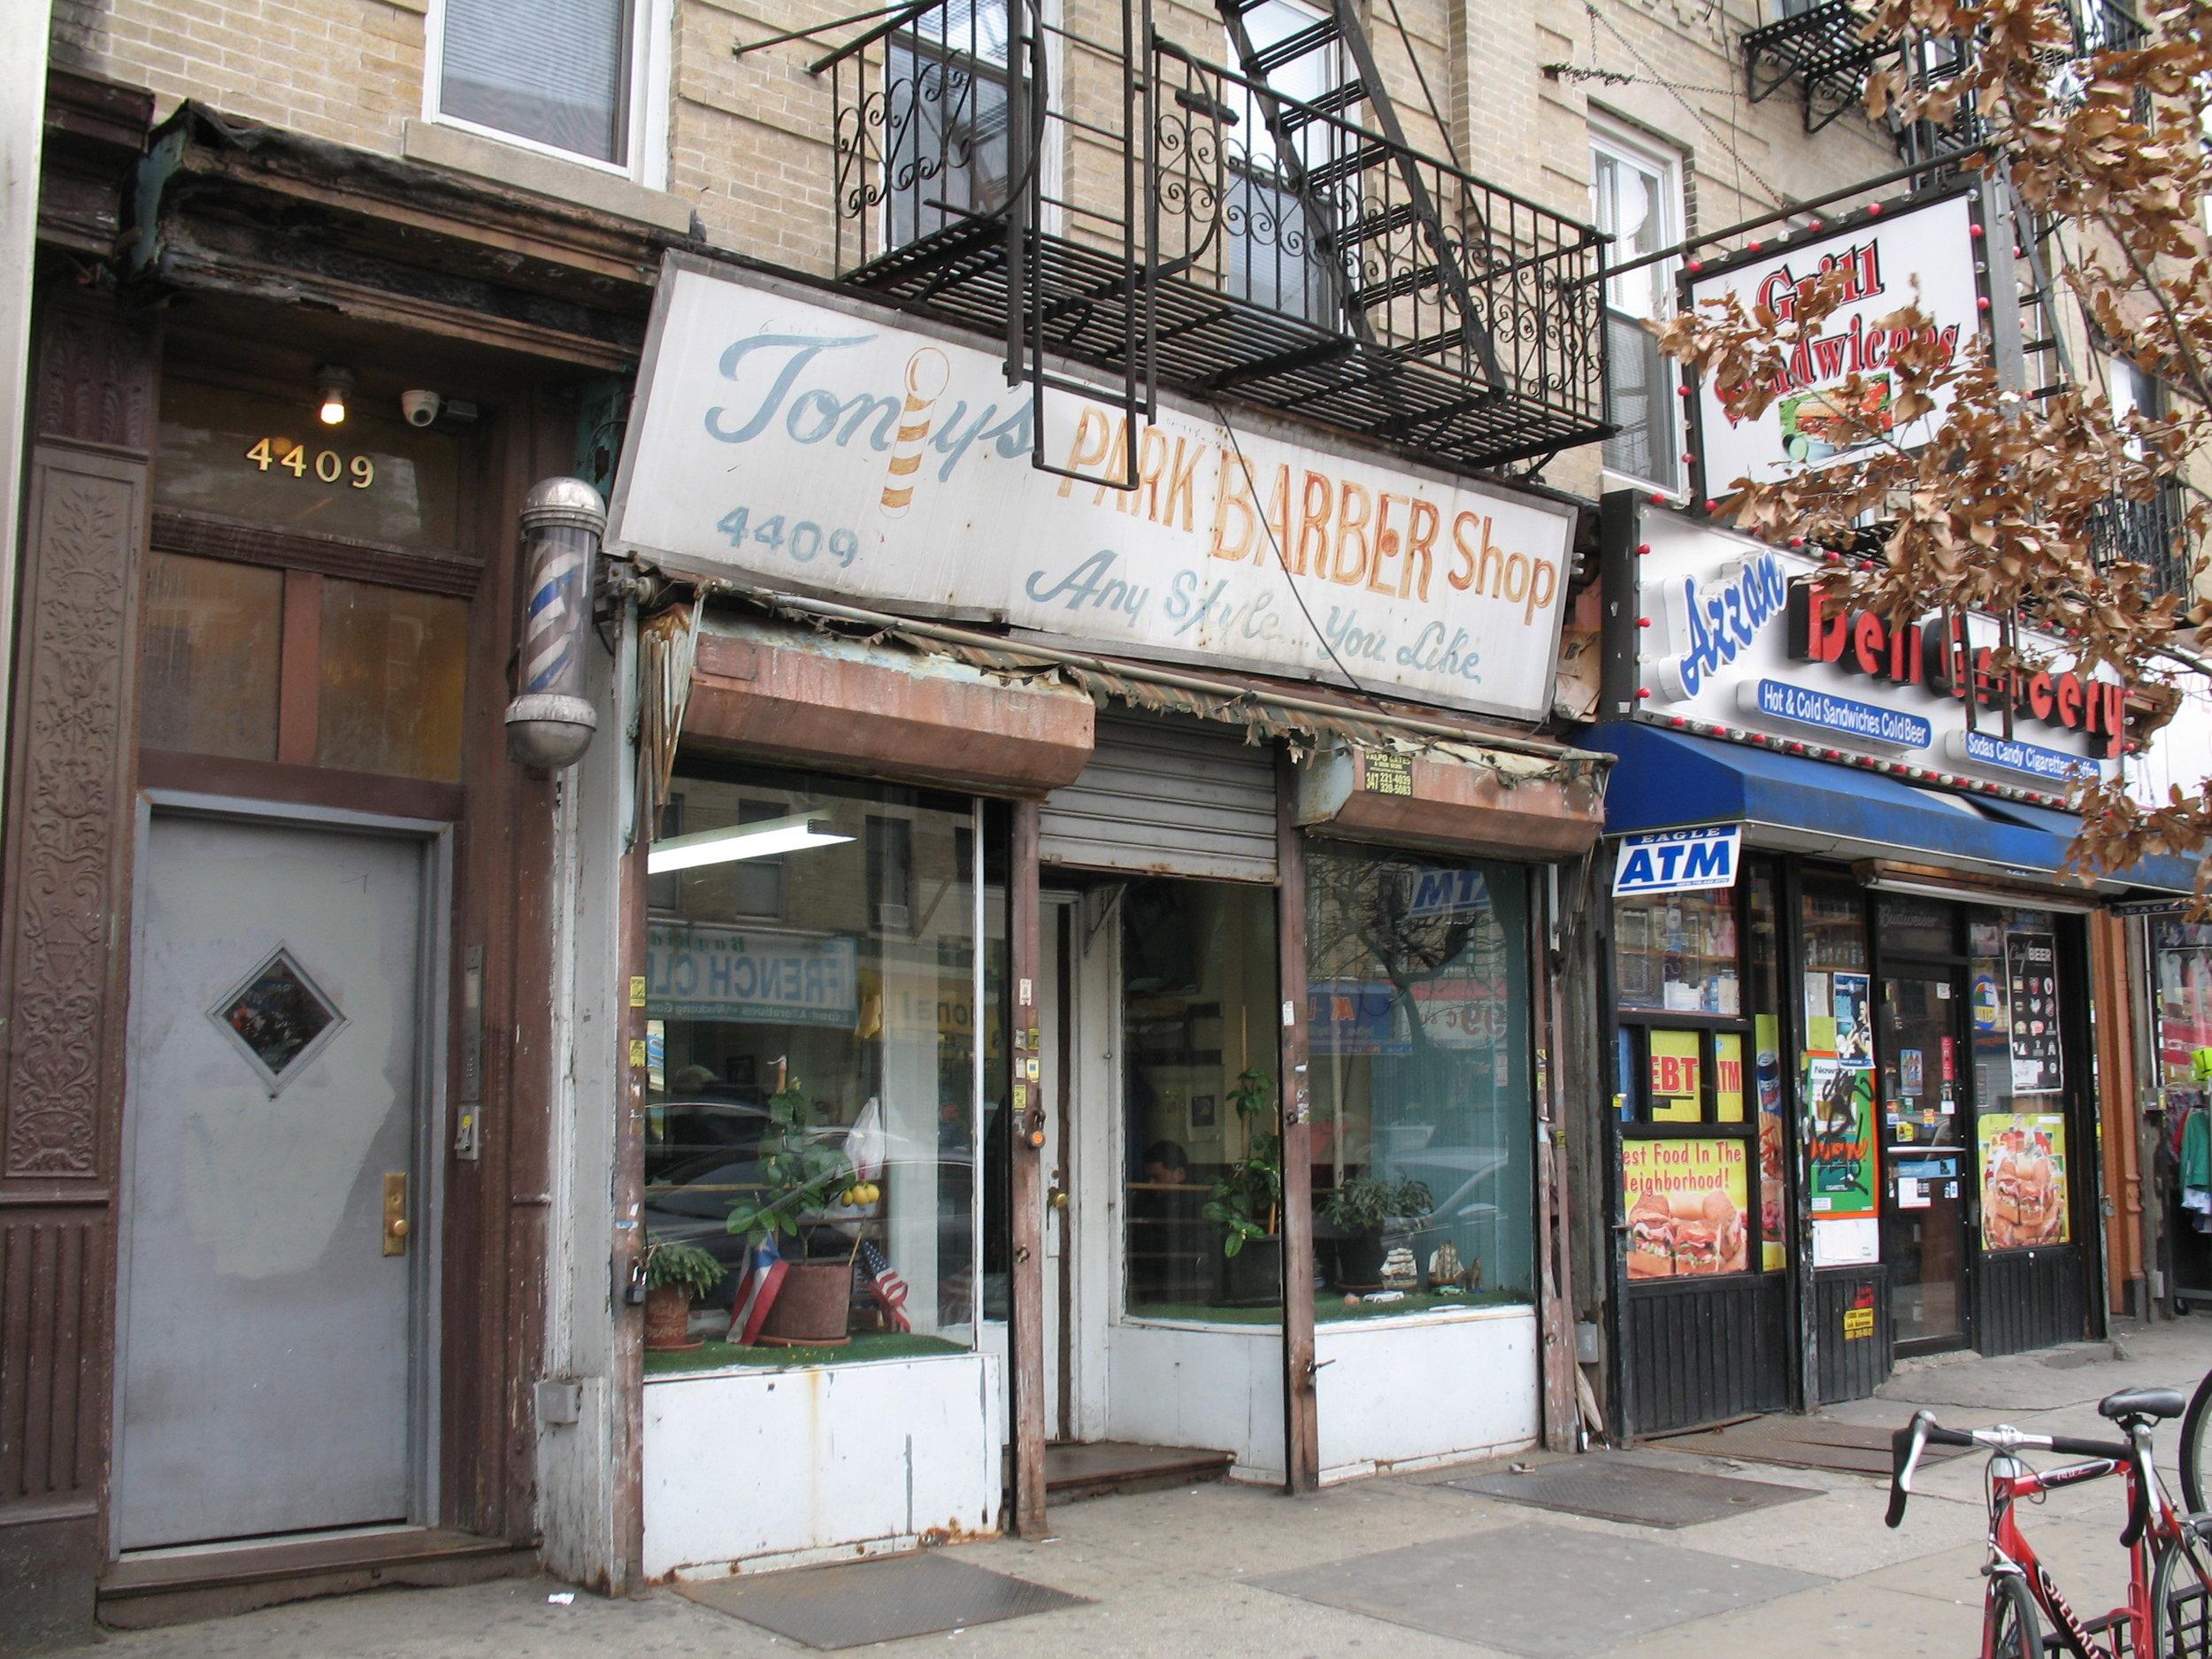 4409 5th Ave, Brooklyn, NY.  Photo: Marc Kirkeby, 2017.